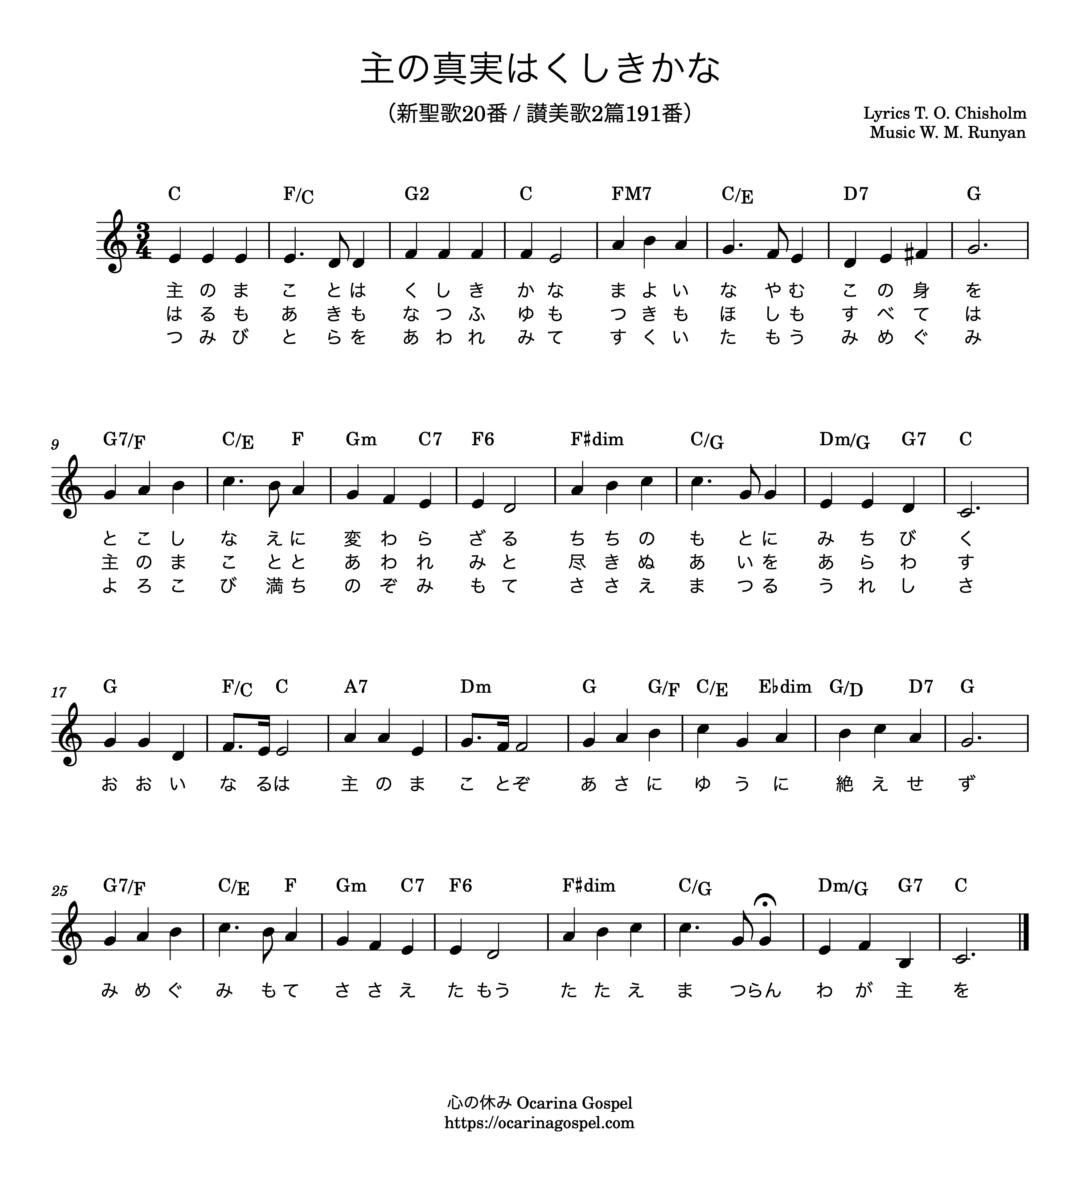 主の真実はくしきかな 楽譜 聖歌